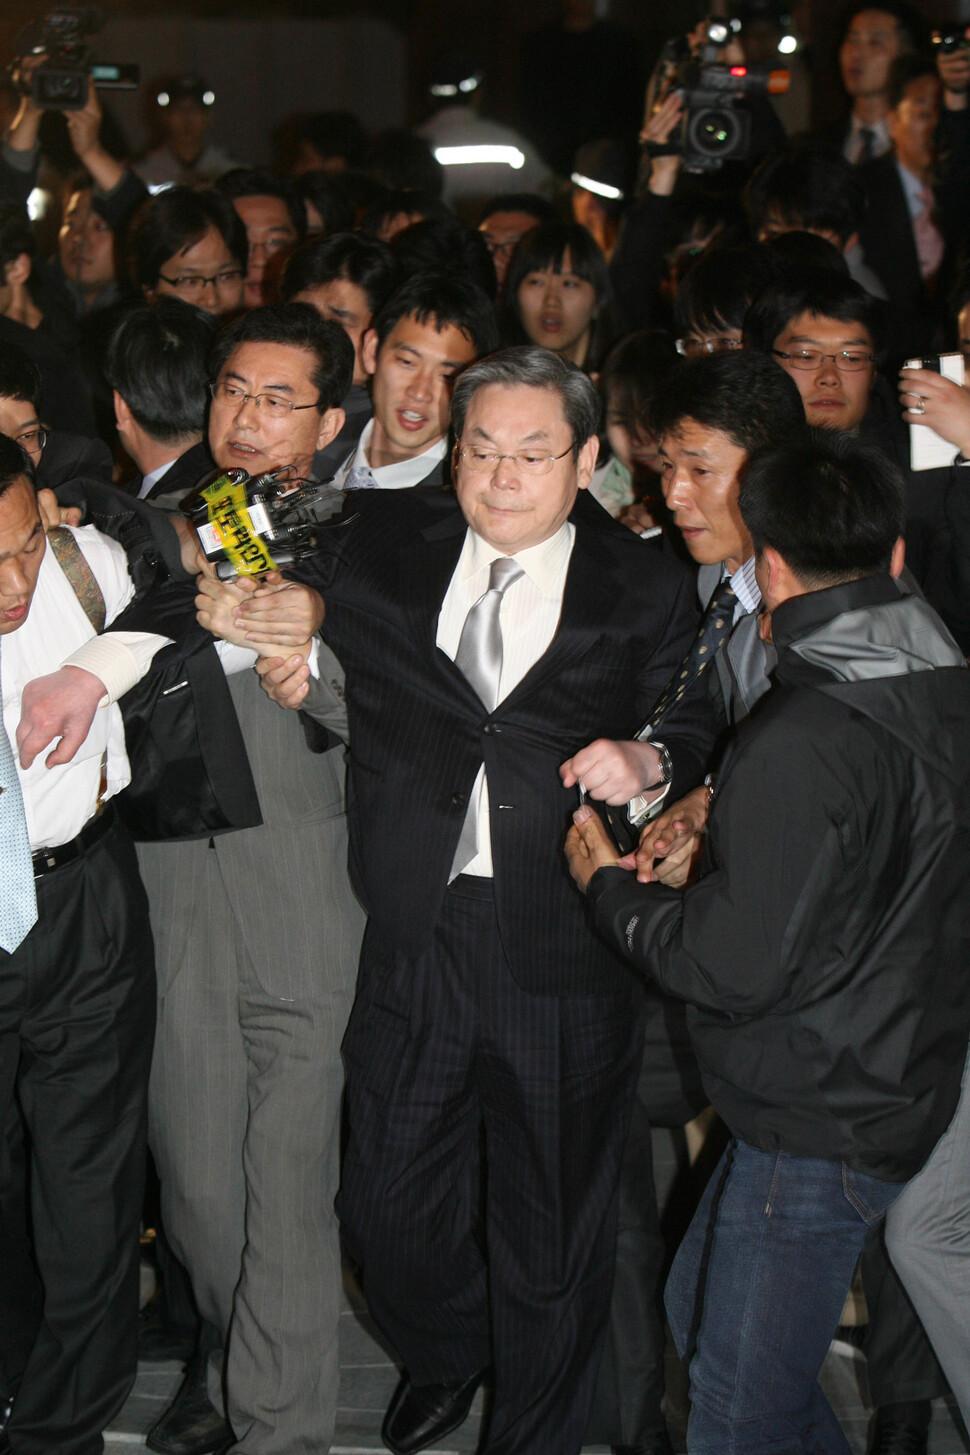 이건희 회장은 특검 조사를 막바지에 받았다. 2008년 4월4일 오후 조사를 받기 시작한 이 회장이 다음날인 5일 새벽 조사를 마치고 나오는 길에 취재진에게 둘러싸였다. 김진수 기자 촬영.